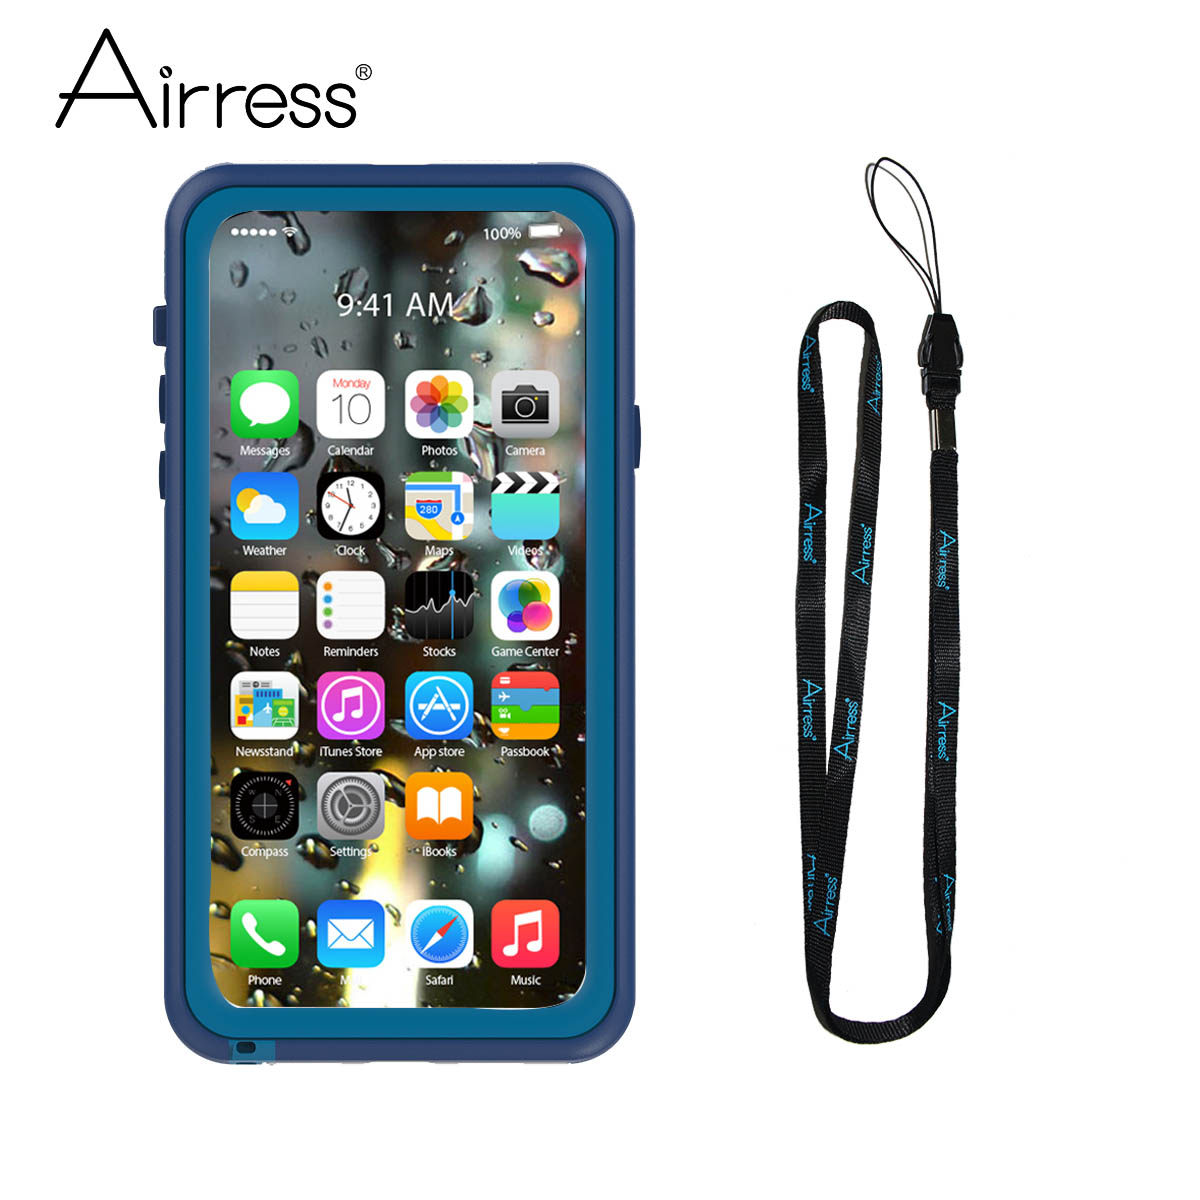 Airress Темно-синий iPhone X слепить охра телефон двойная открытка двойной оста водонепроницаемый пылезащитный старик телефон